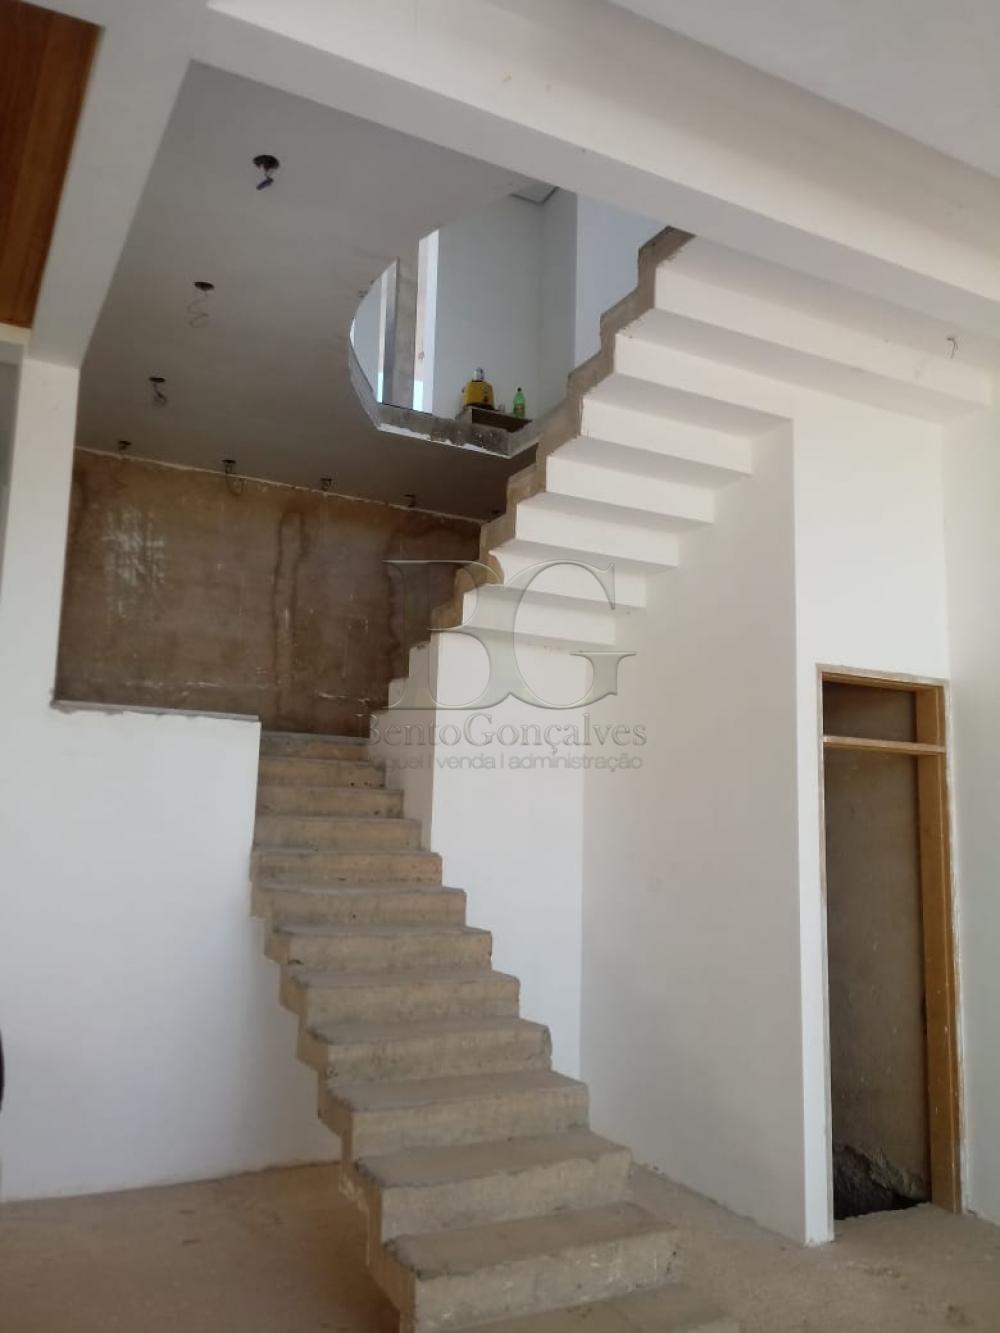 Comprar Casas / Padrão em Poços de Caldas apenas R$ 1.500.000,00 - Foto 60